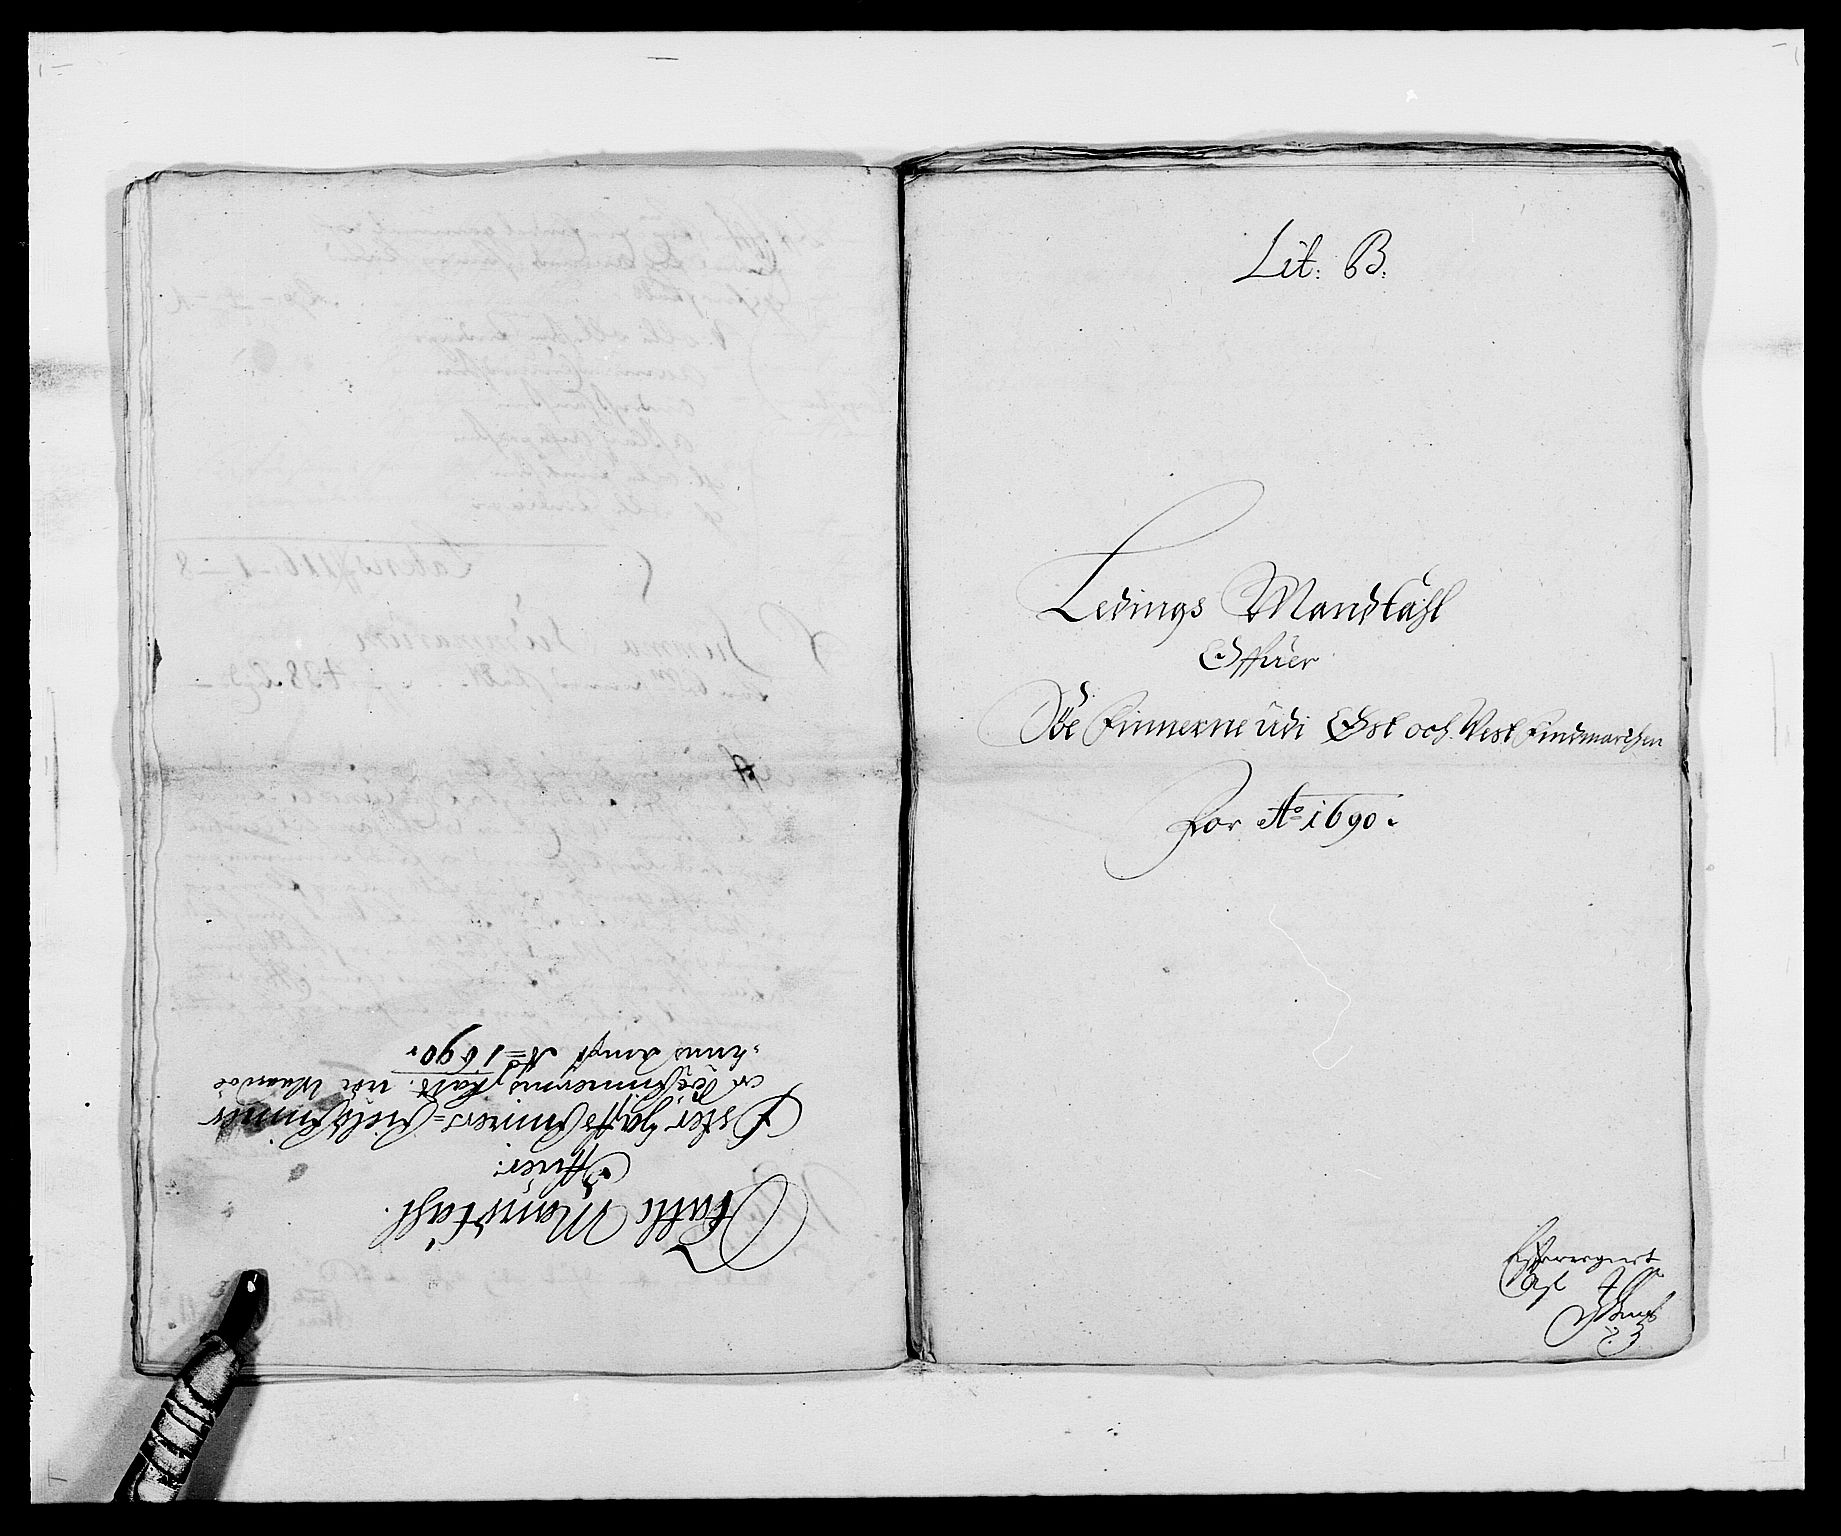 RA, Rentekammeret inntil 1814, Reviderte regnskaper, Fogderegnskap, R69/L4850: Fogderegnskap Finnmark/Vardøhus, 1680-1690, s. 221